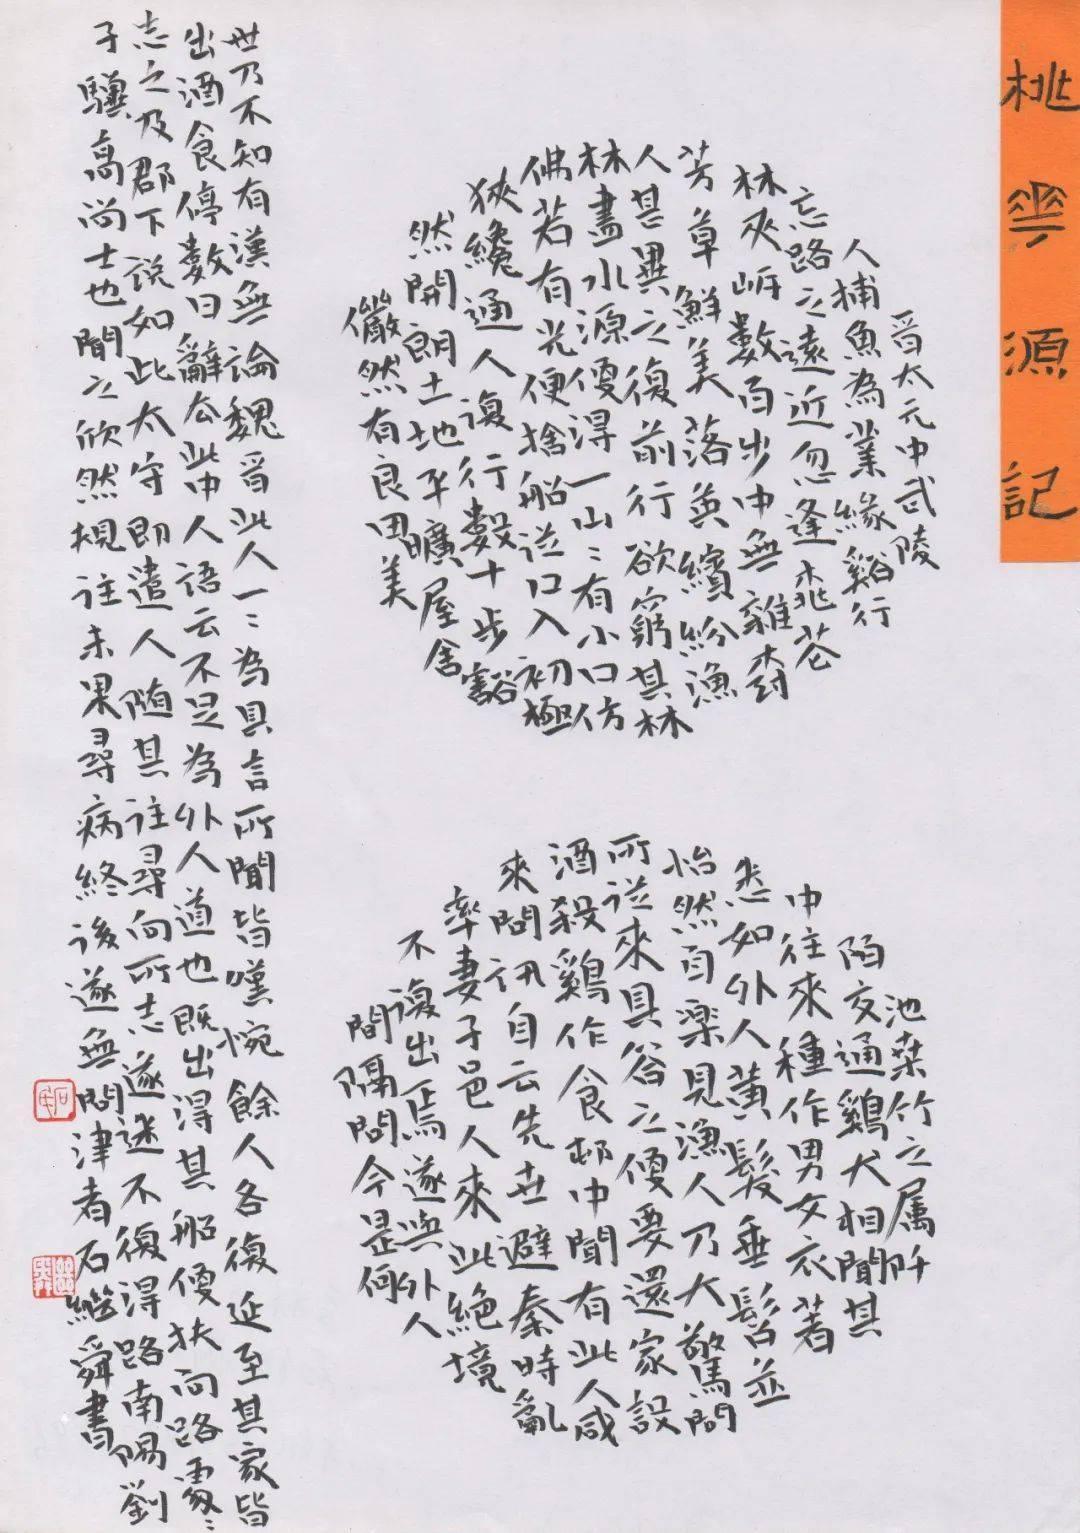 两大硬笔书法强省,各精选100件作品联袂办展,